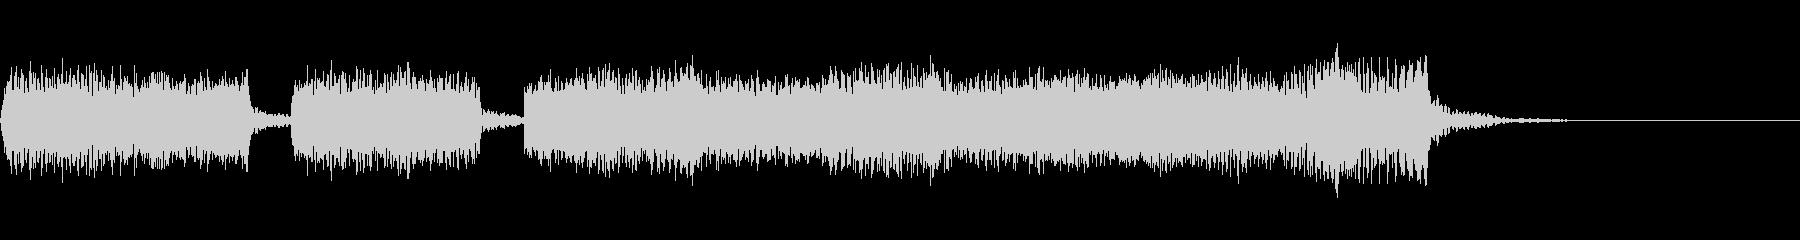 Guitarジングル9/メタル系リフの未再生の波形